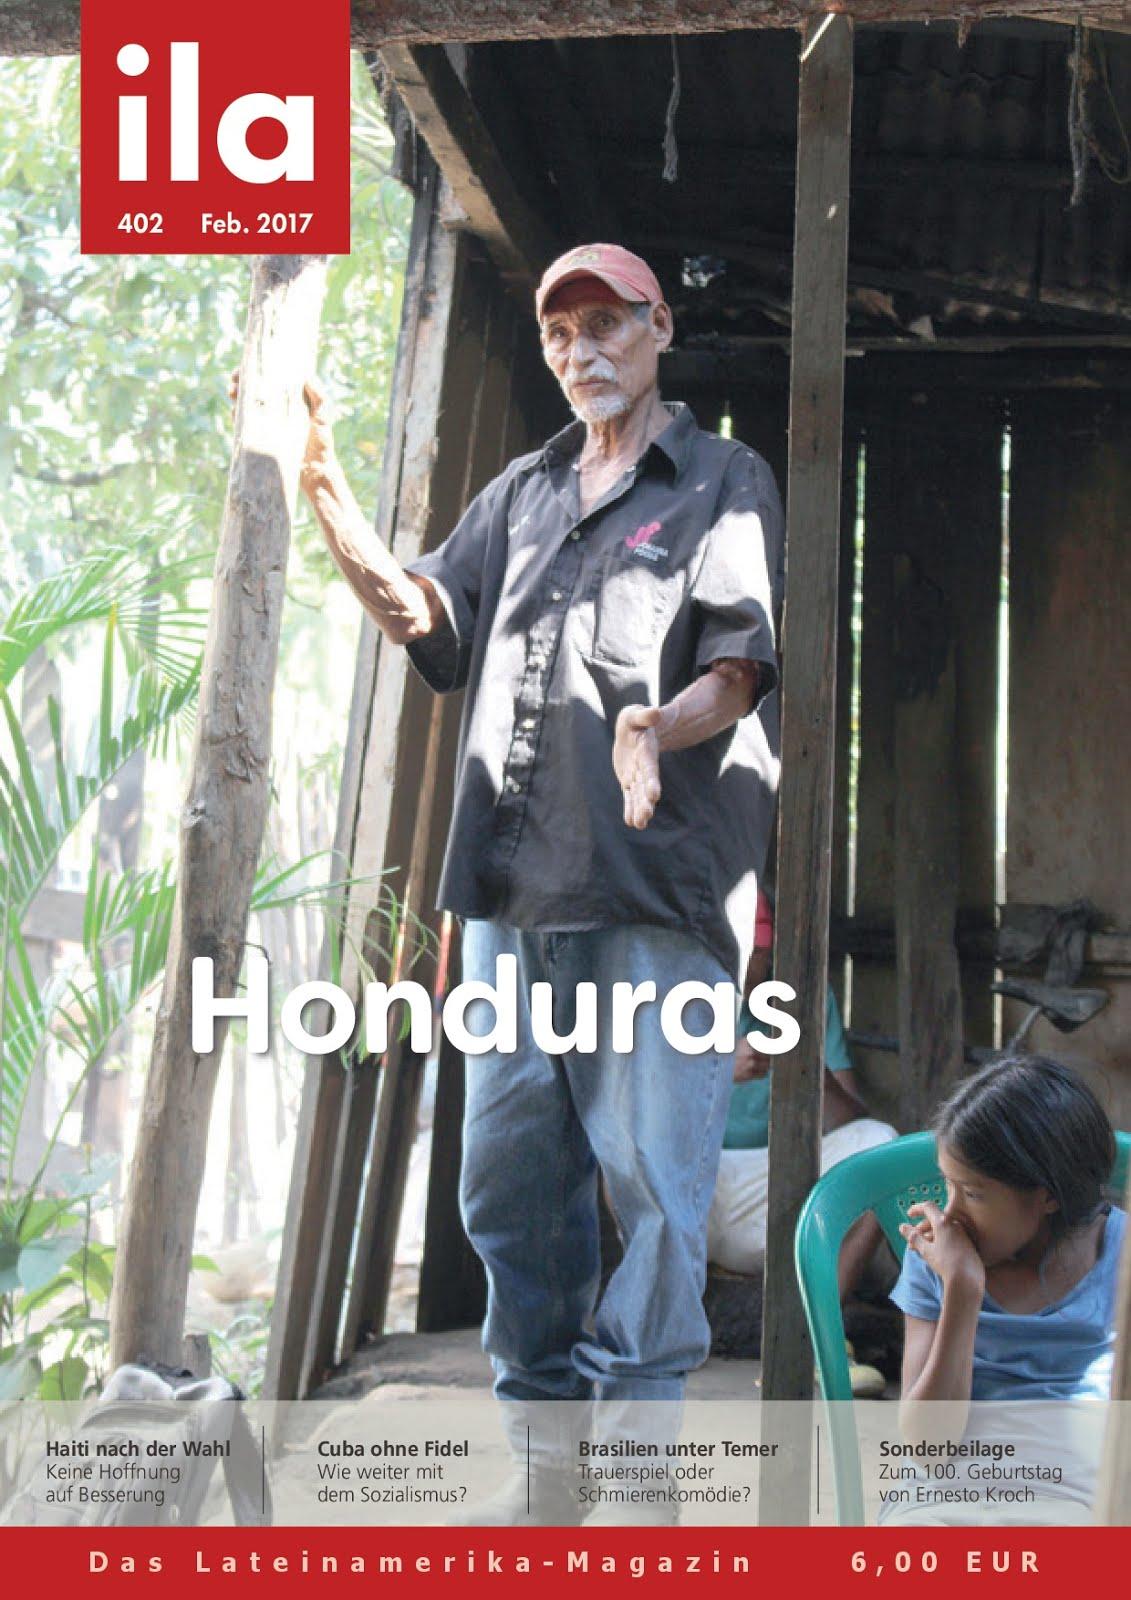 Zeitschrift ila zu Honduras erschienen